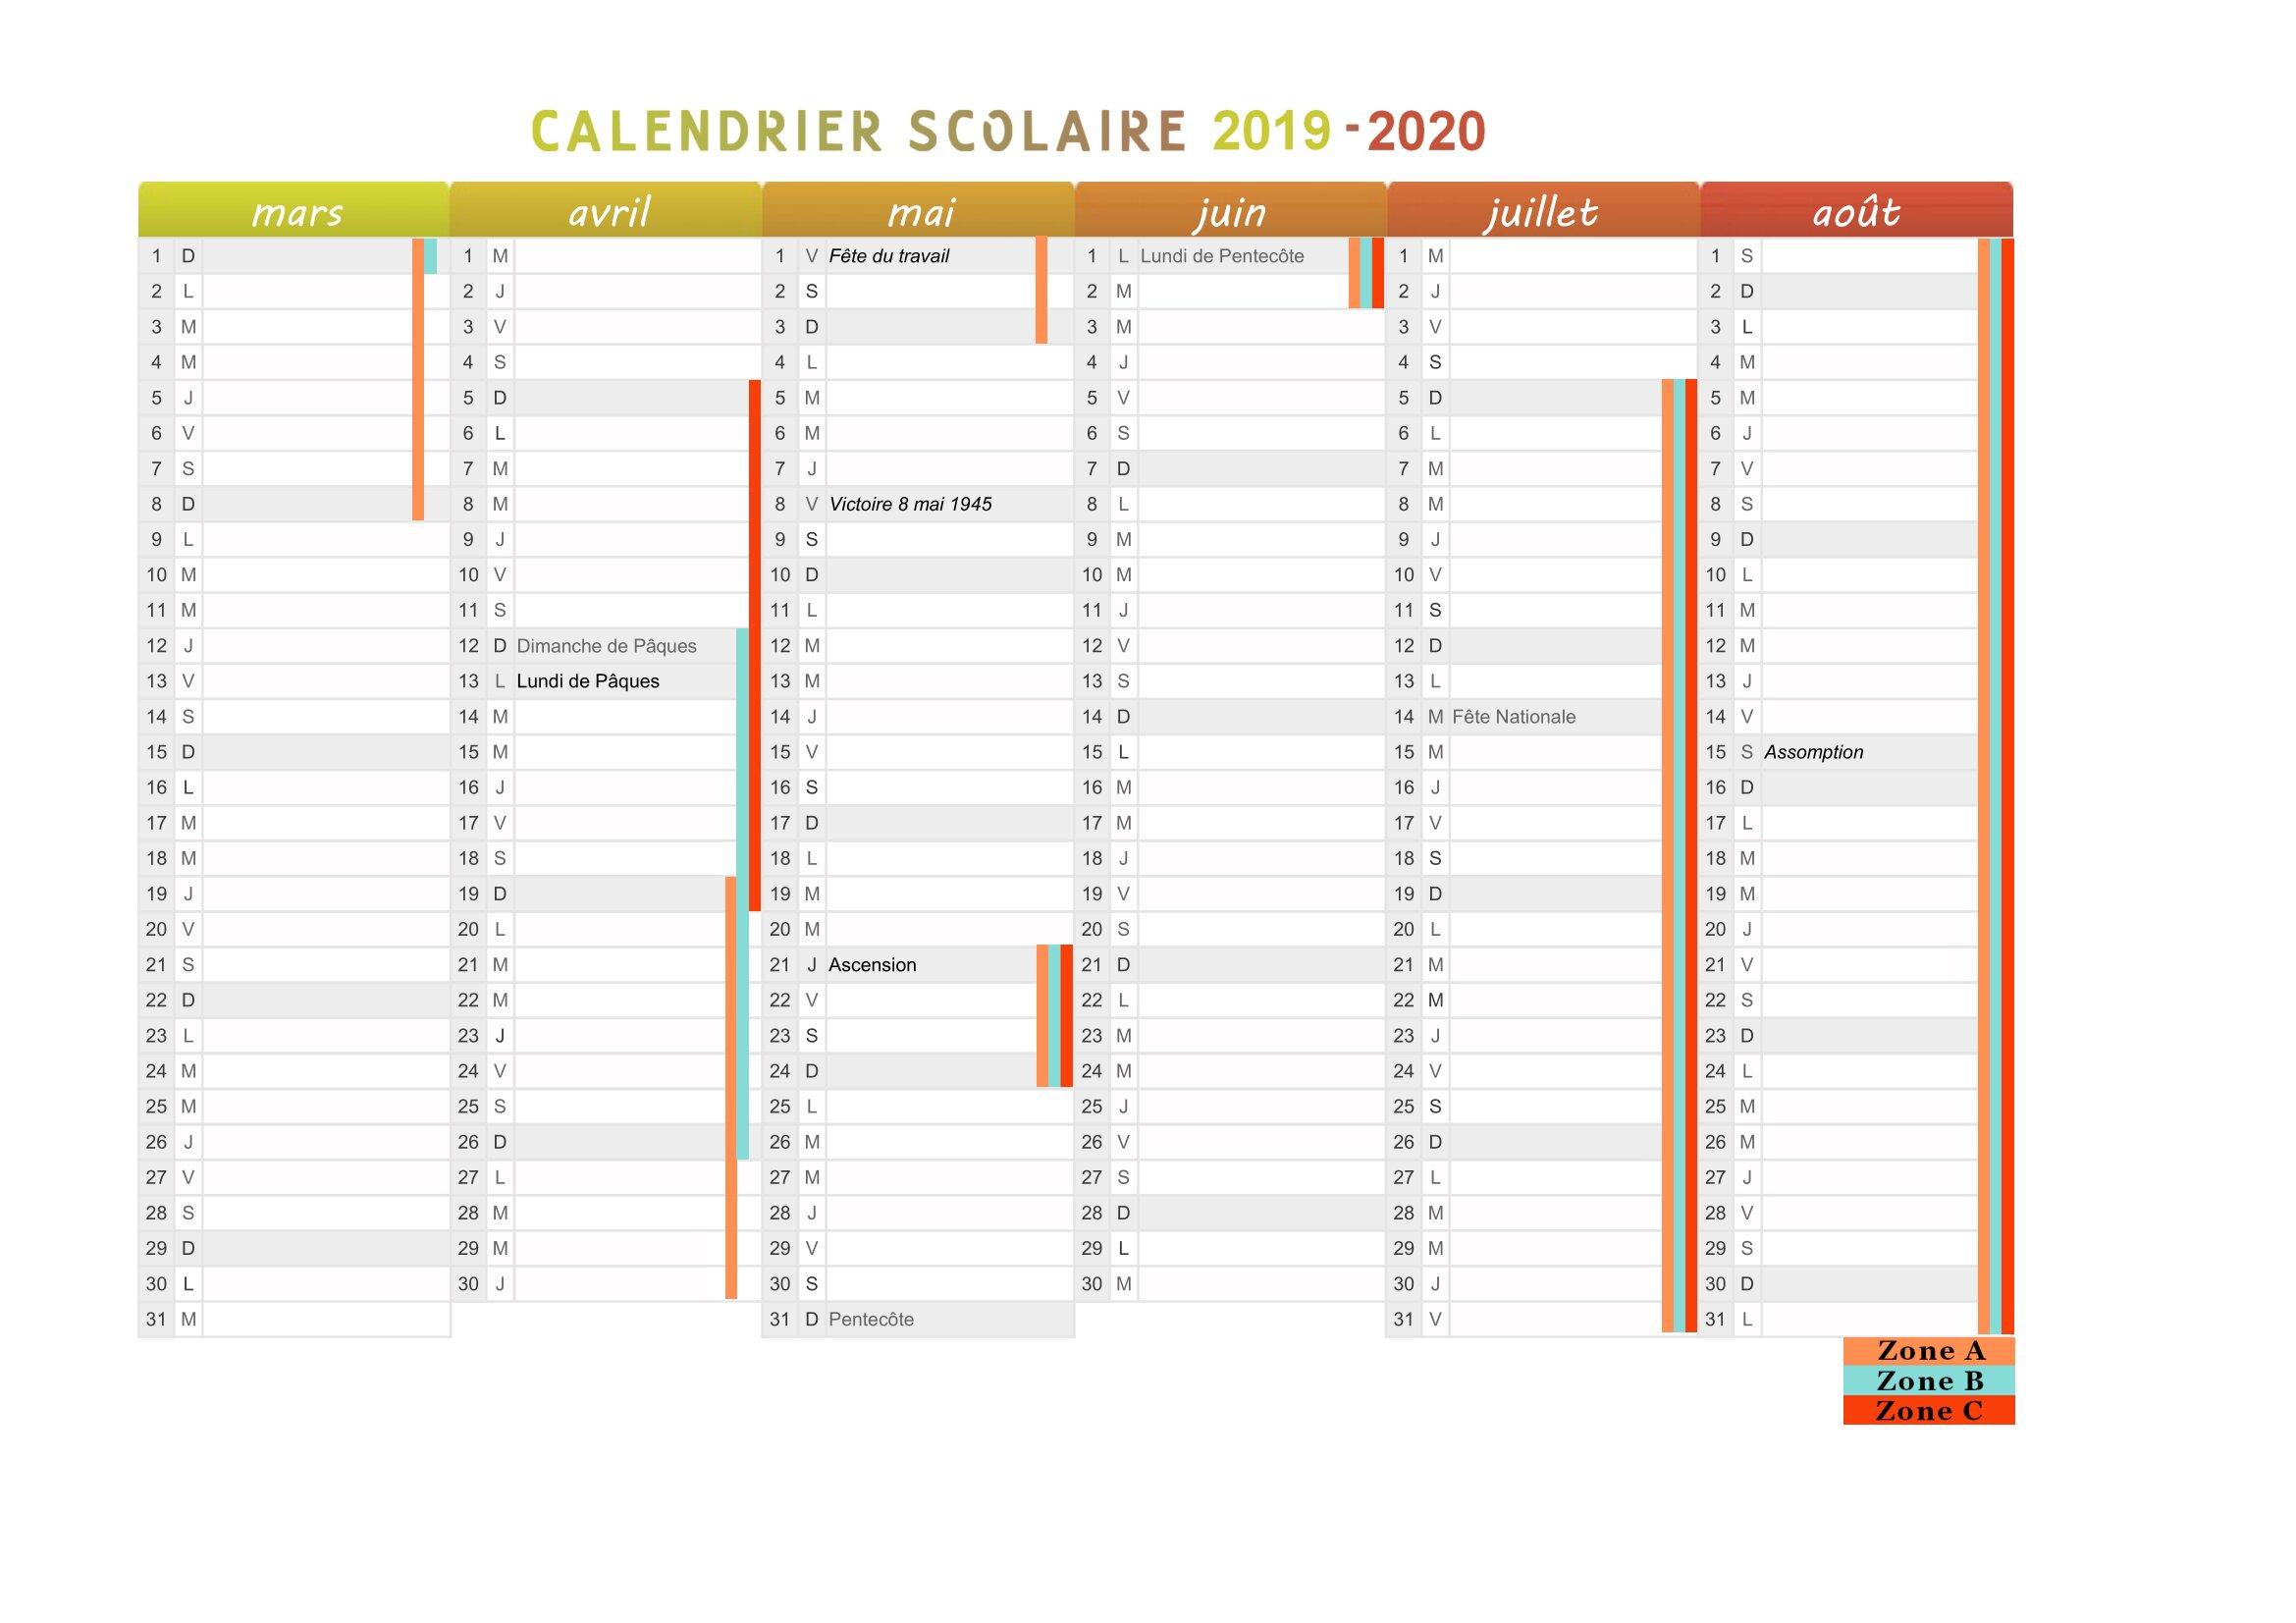 Calendrier Scolaire De 2019 Et 2020 à Imprimer